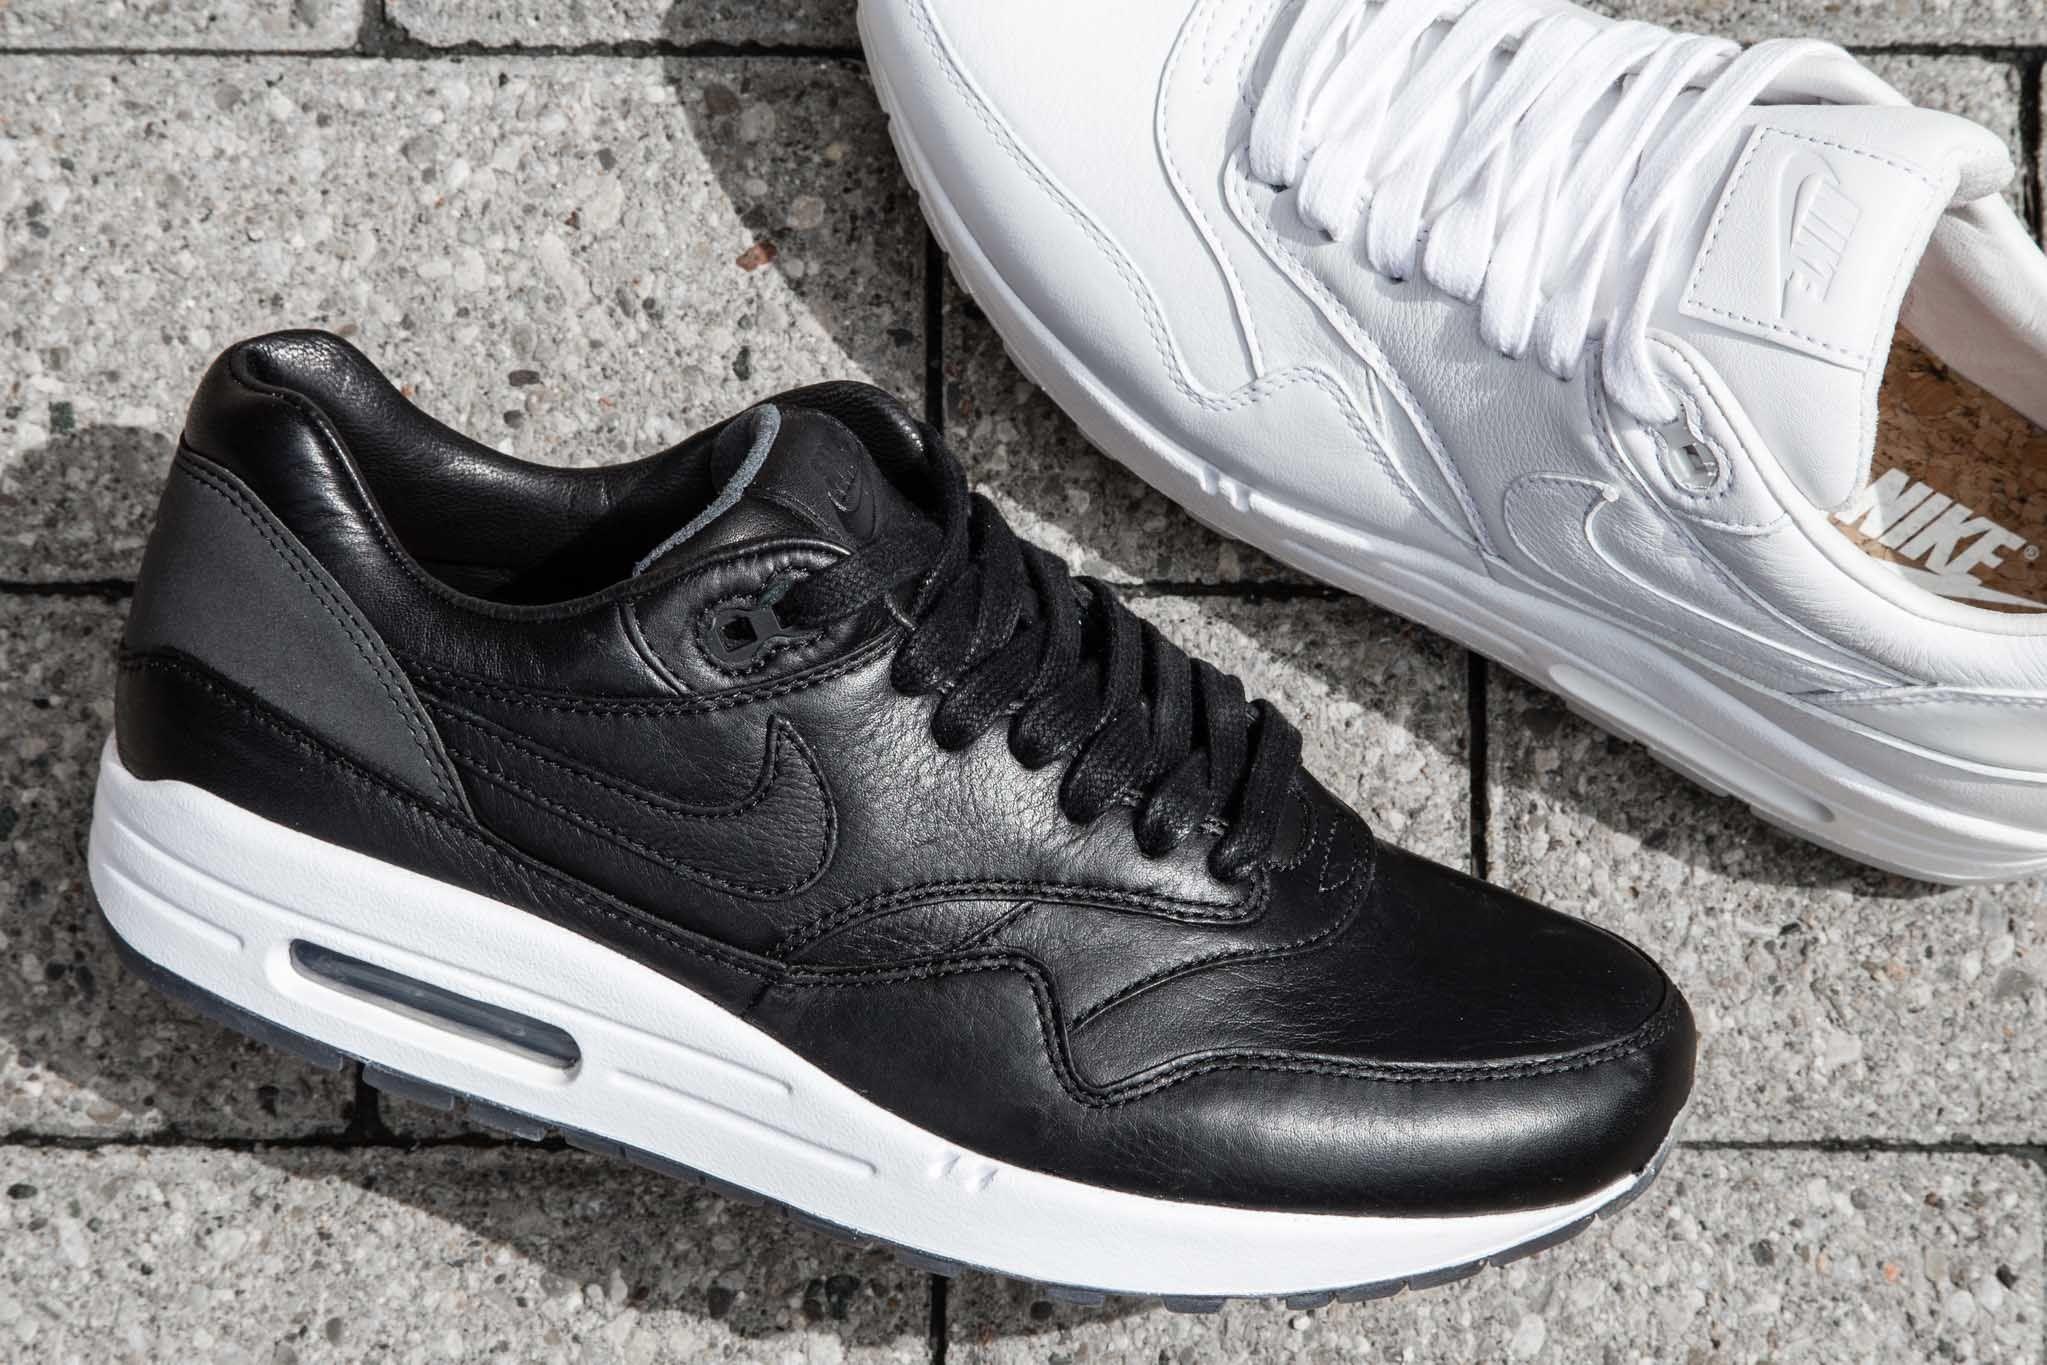 NikeLab Air Max 90 Royal Pack | #NikeLab #HAVENSHOP | Shoes | Pinterest | Air  max 90, Air max and Royals